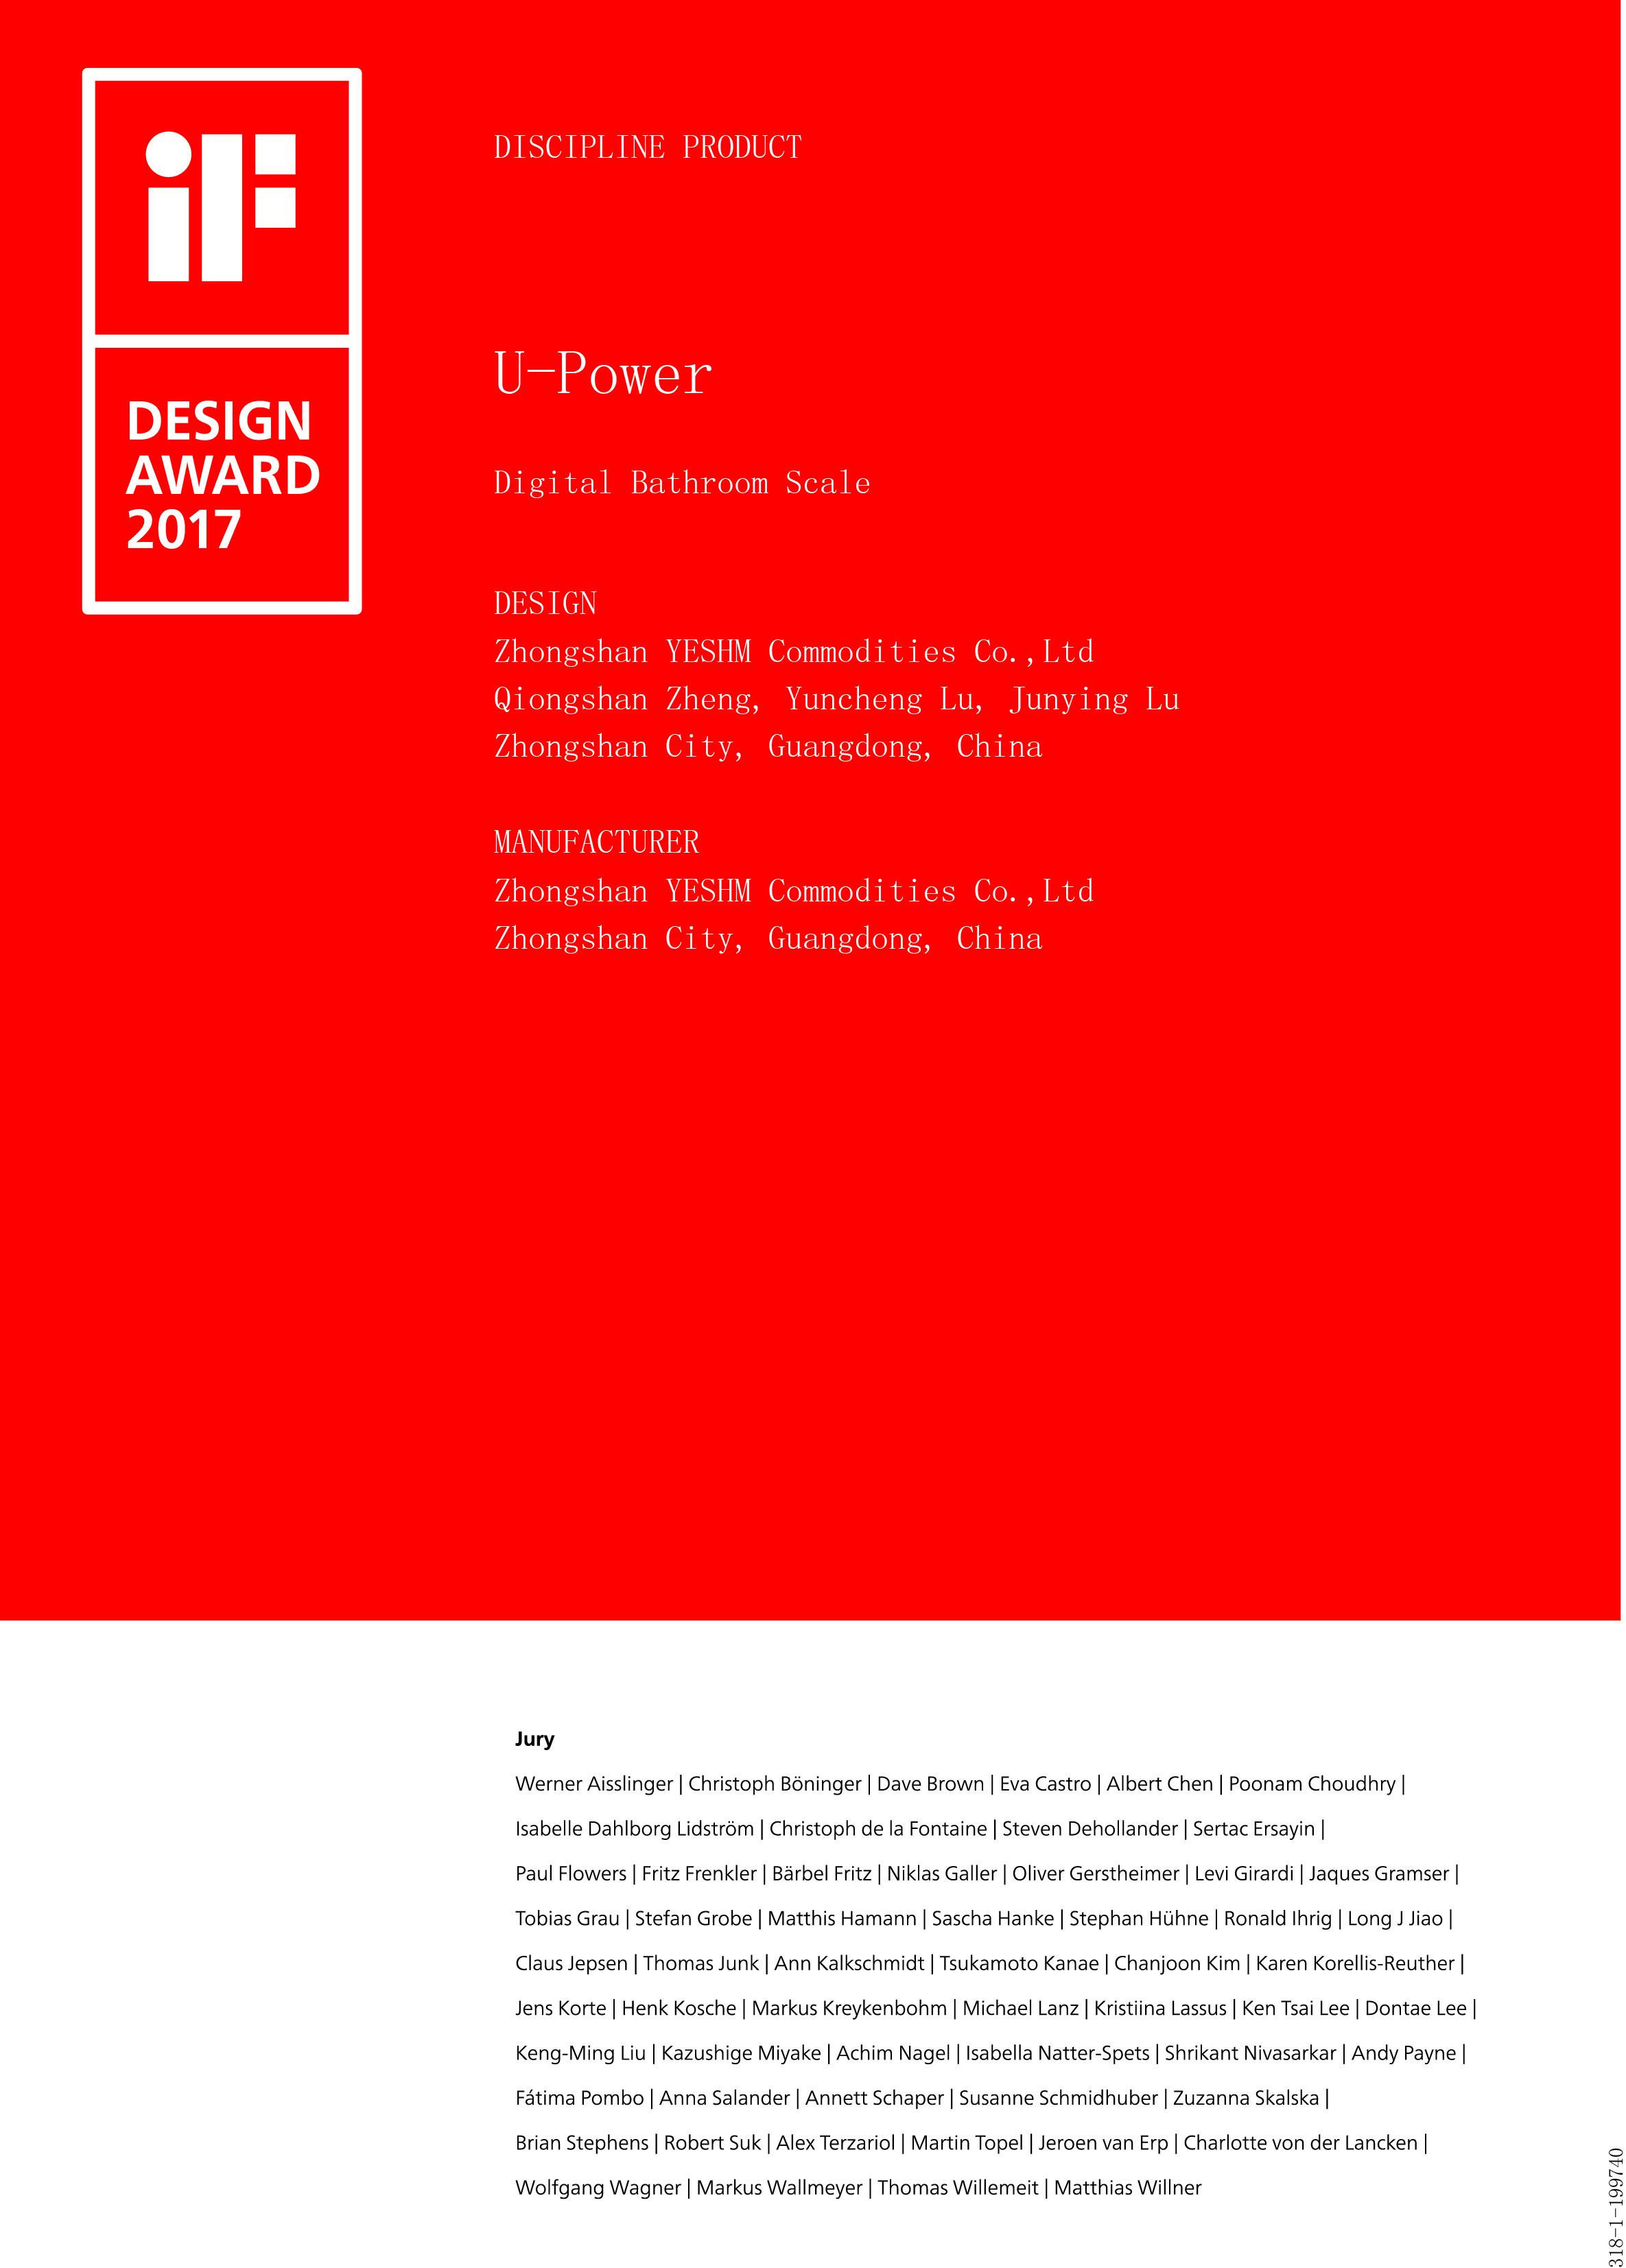 iF 设计奖 (2016年)